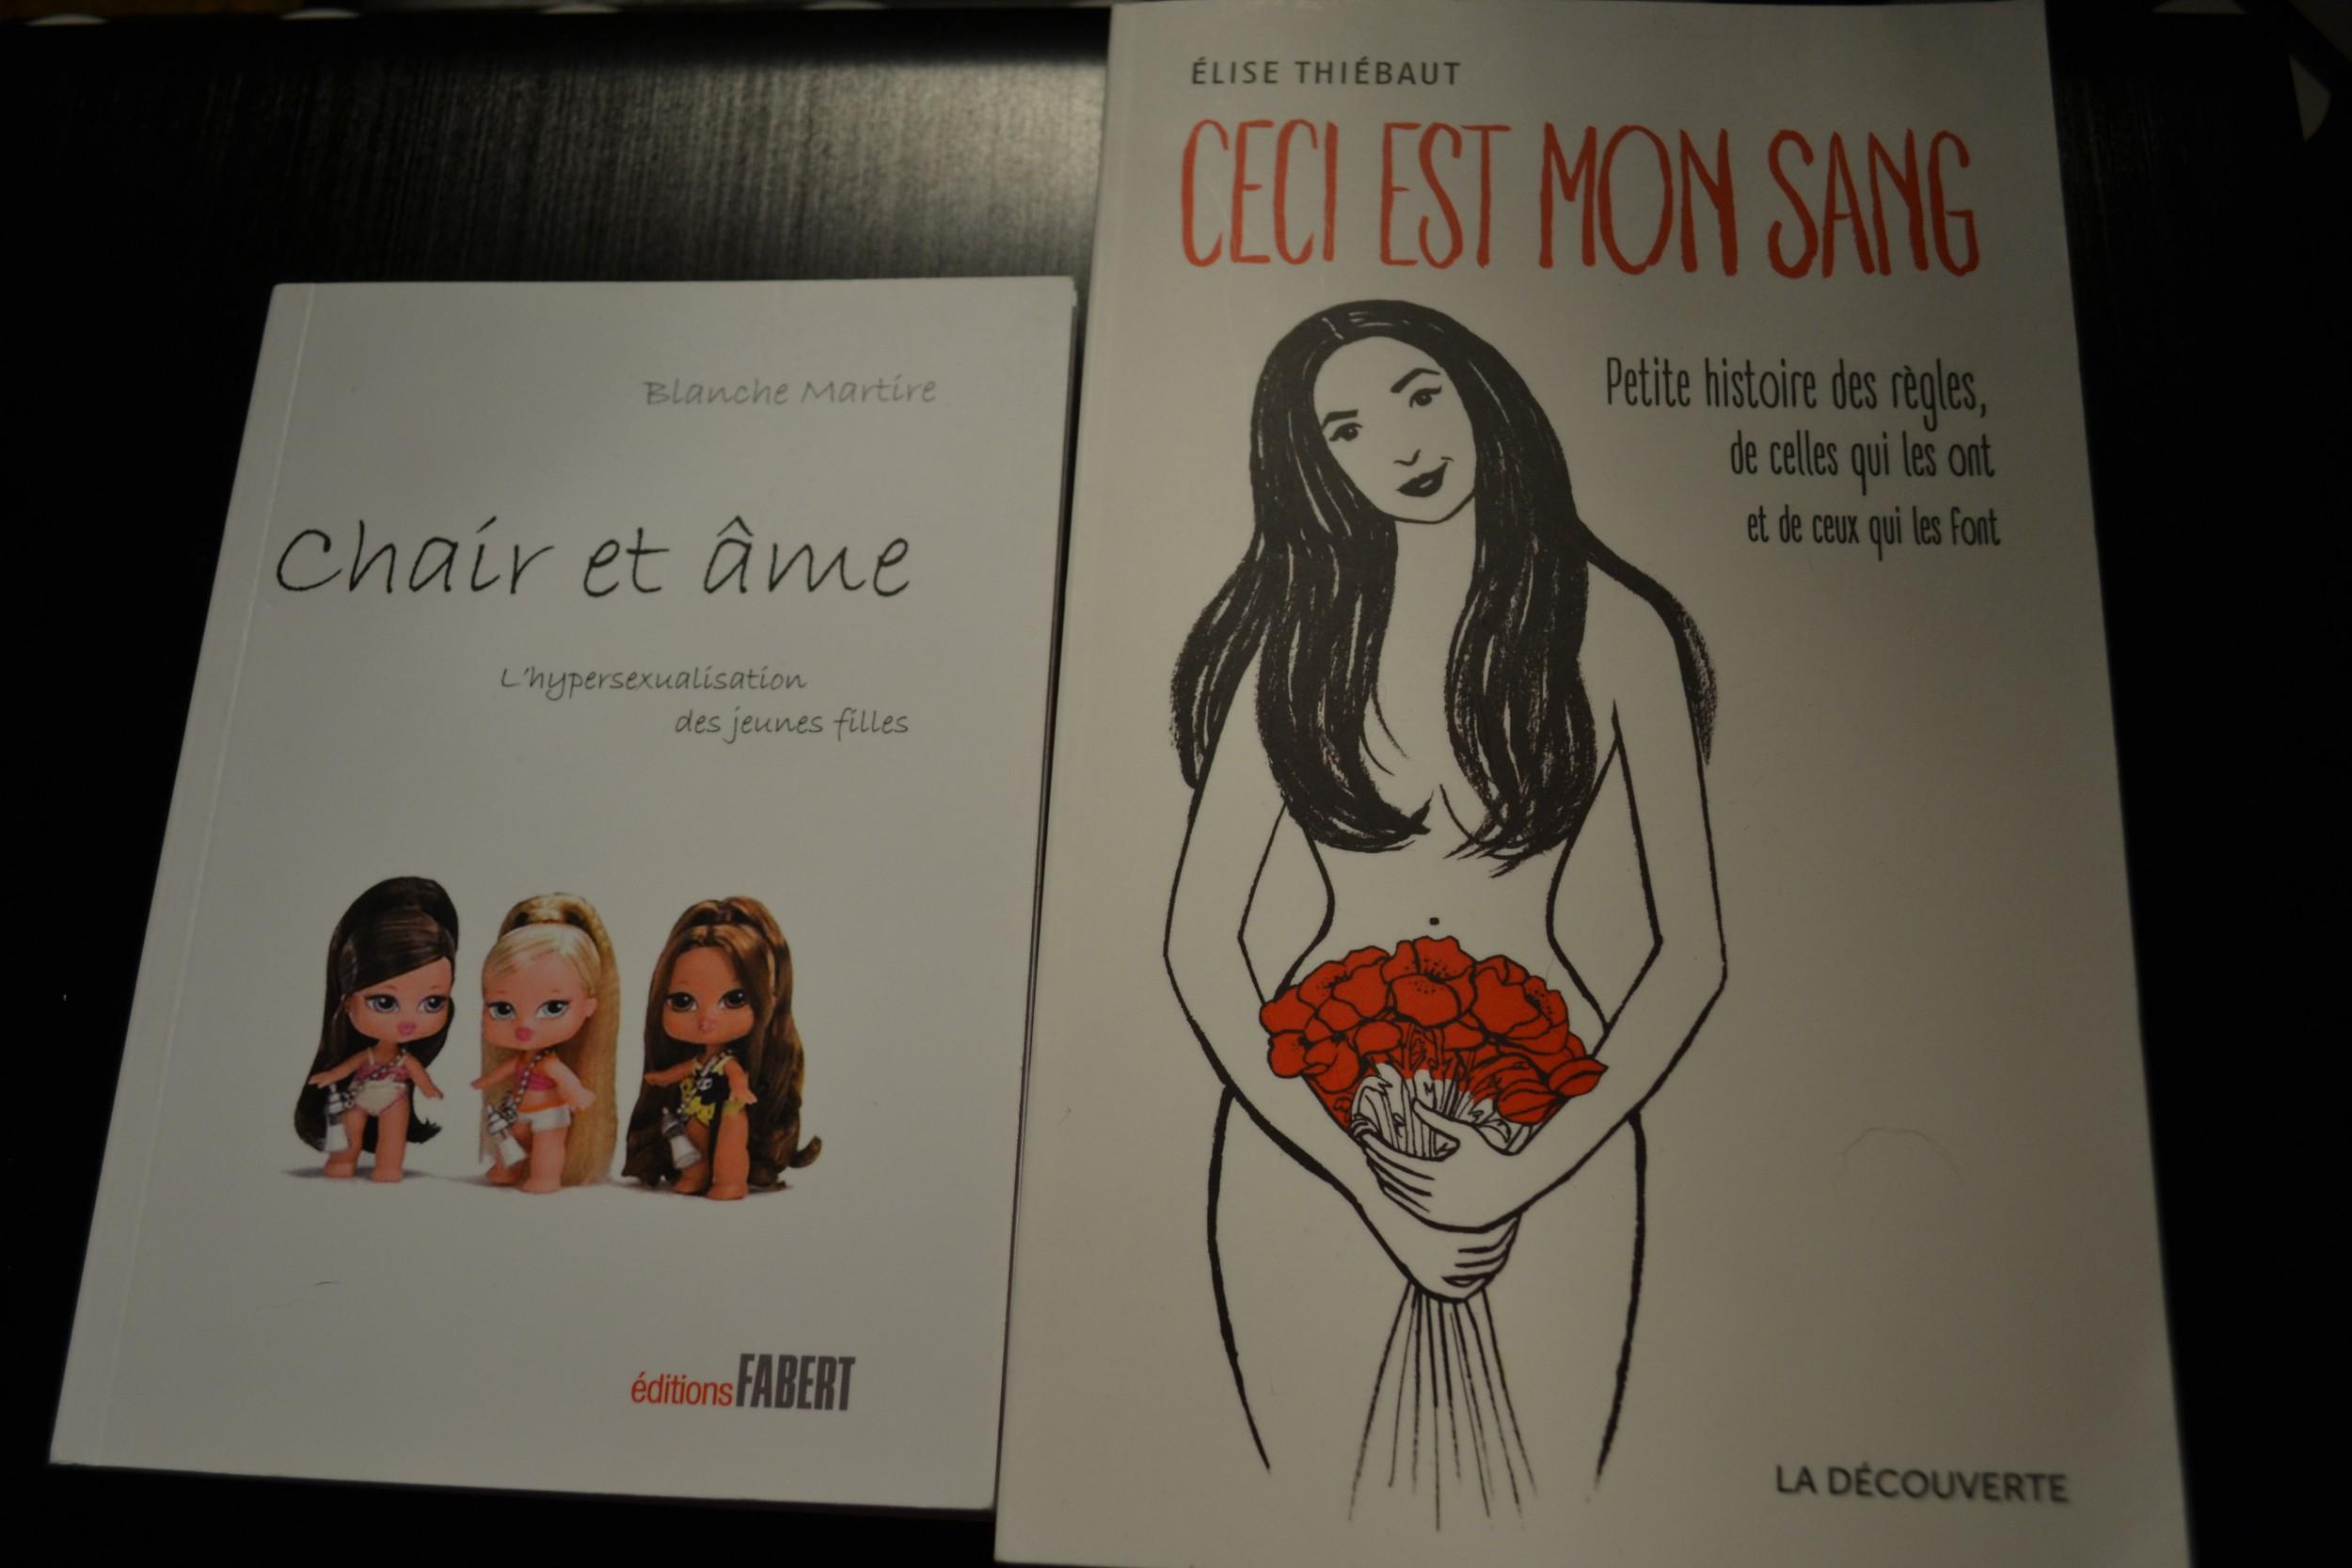 Deux livres qui brisent les tabous de sexualité adolescente et des règles. ©MD